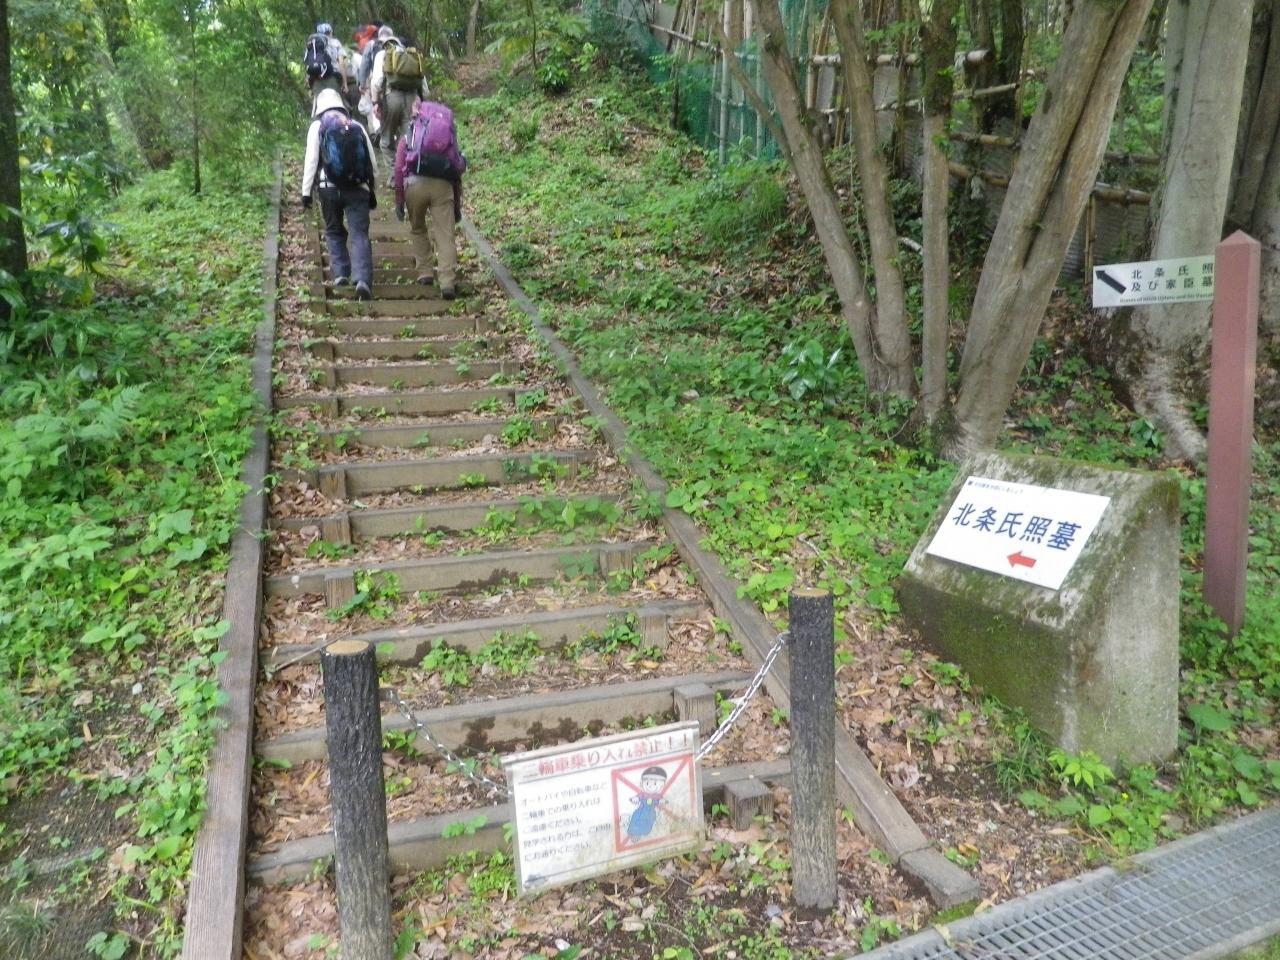 高尾駅から八王子城跡散策とハイキングコースを歩く